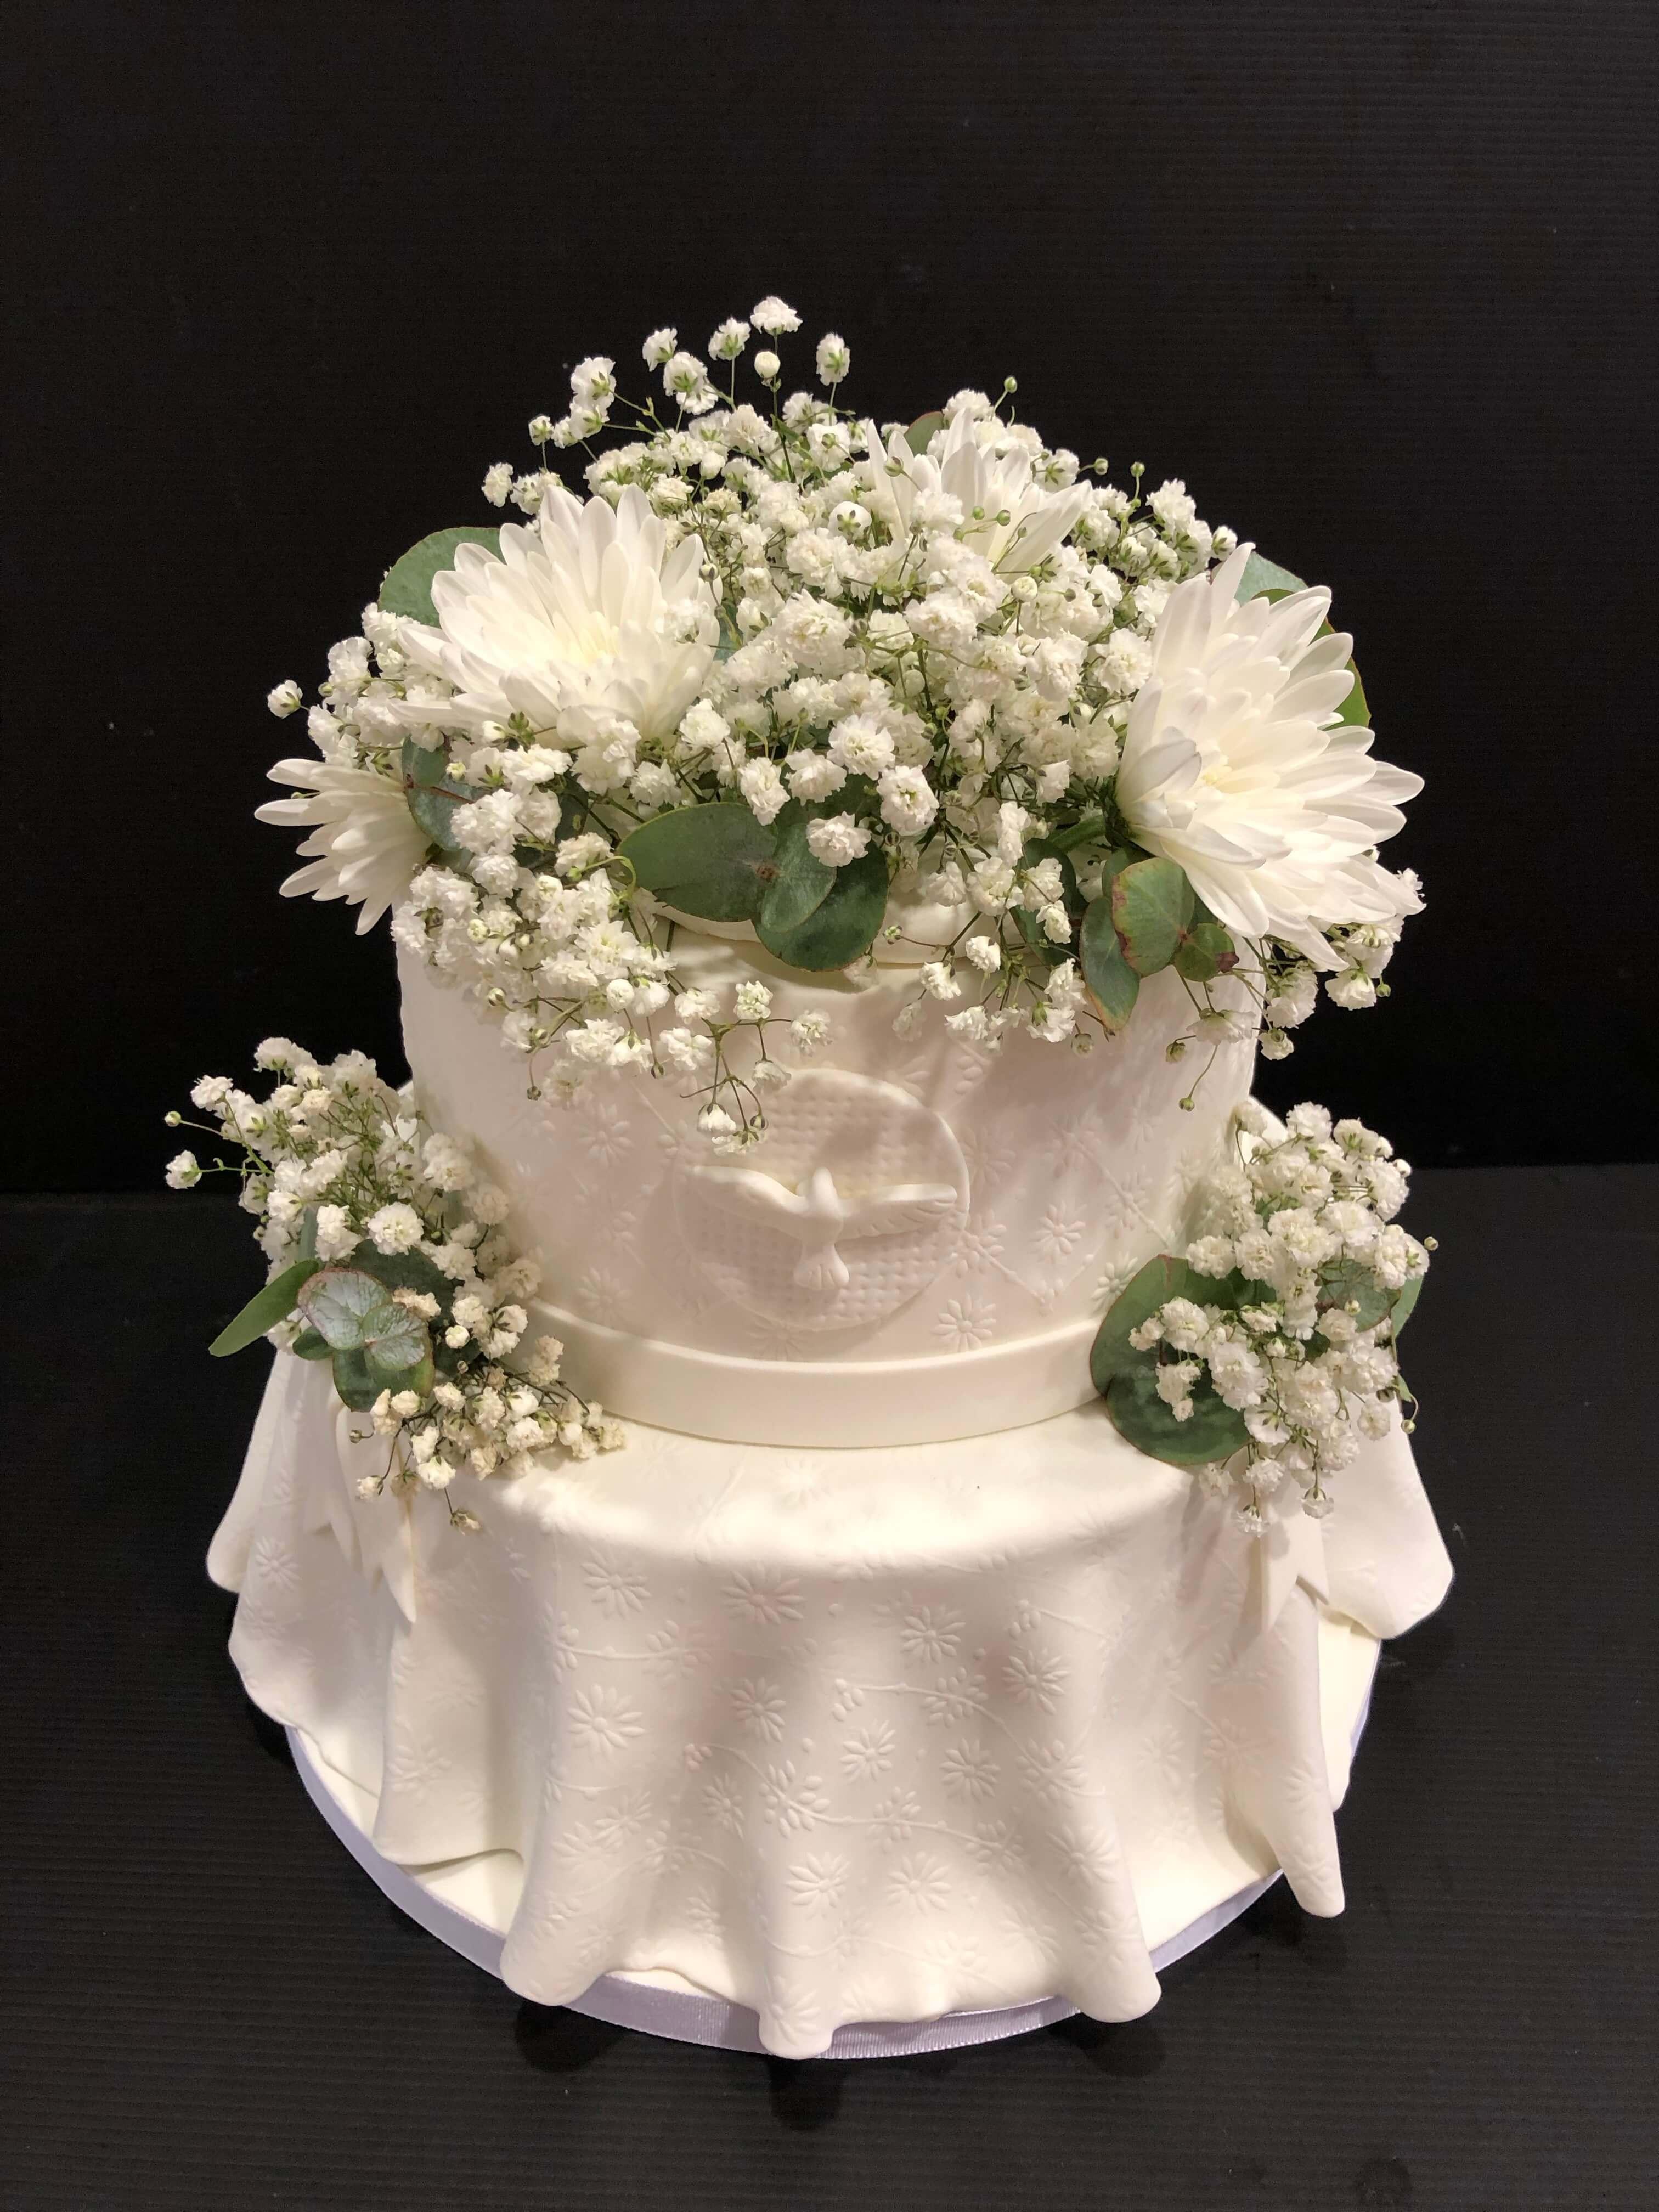 Tarta  boda coruña naked cake tarta boda desnuda coruña tarta boda  comunión  tarta flores